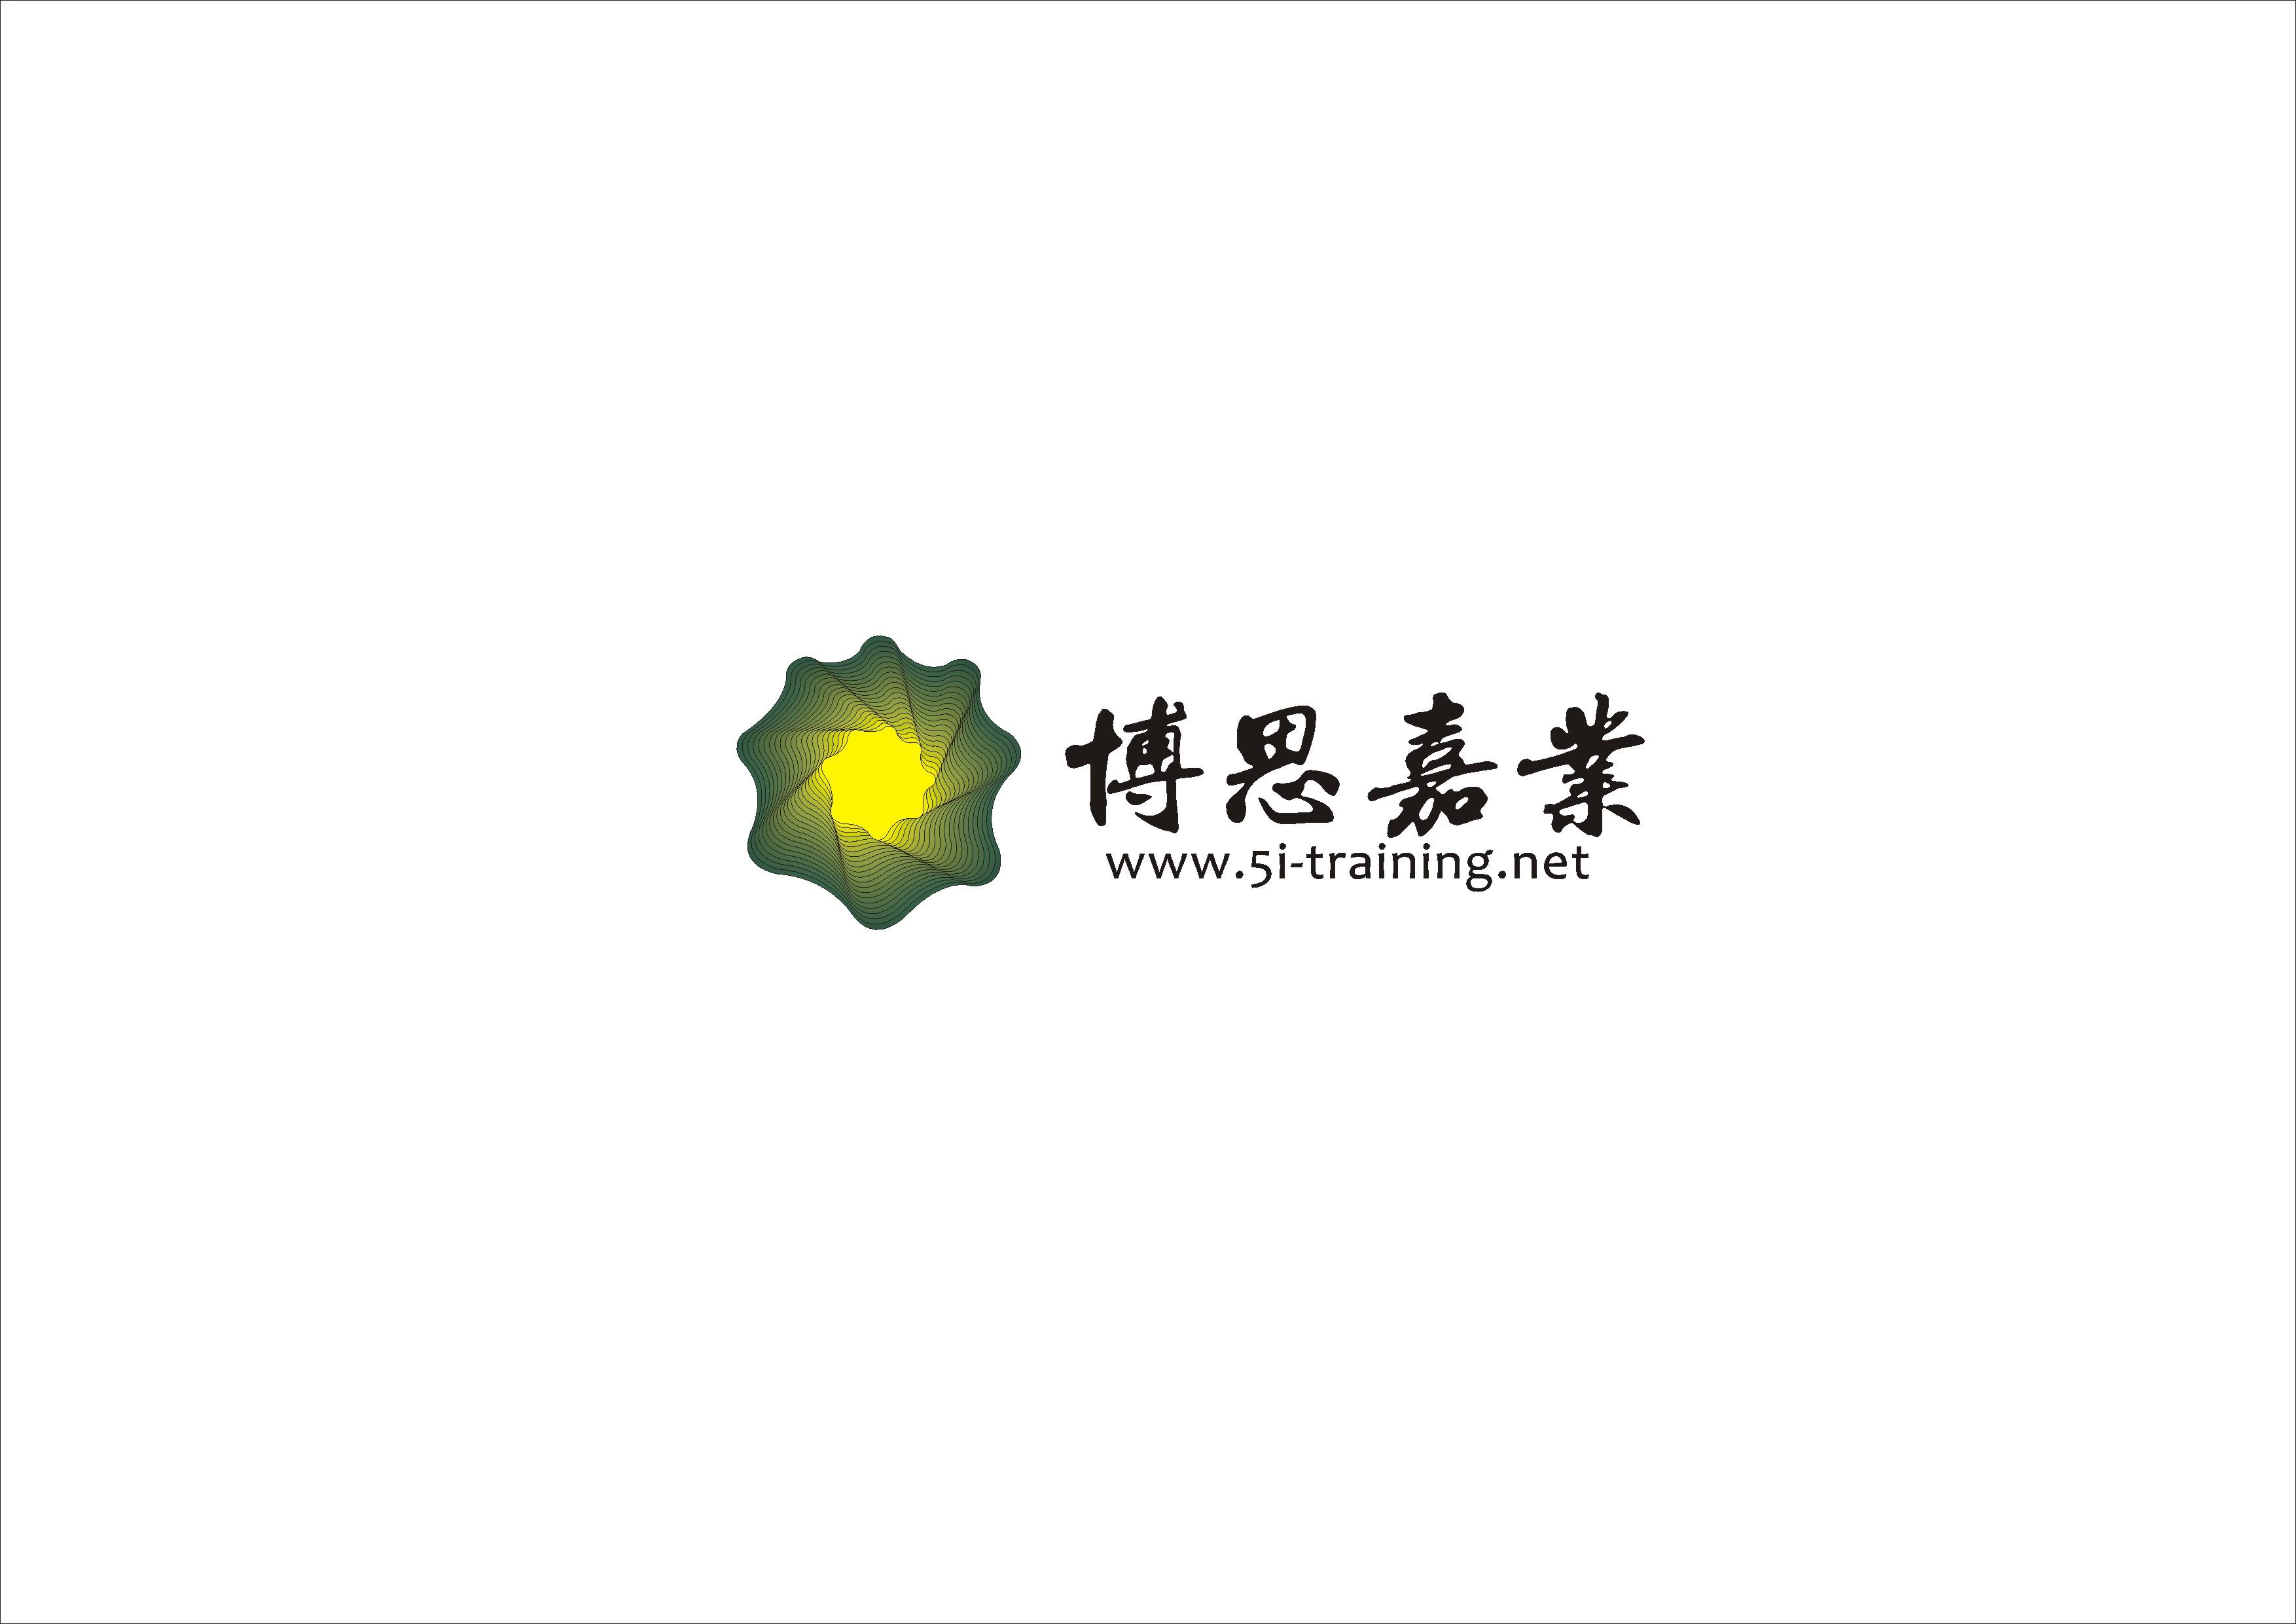 北京博思嘉业企业管理咨询有限公司